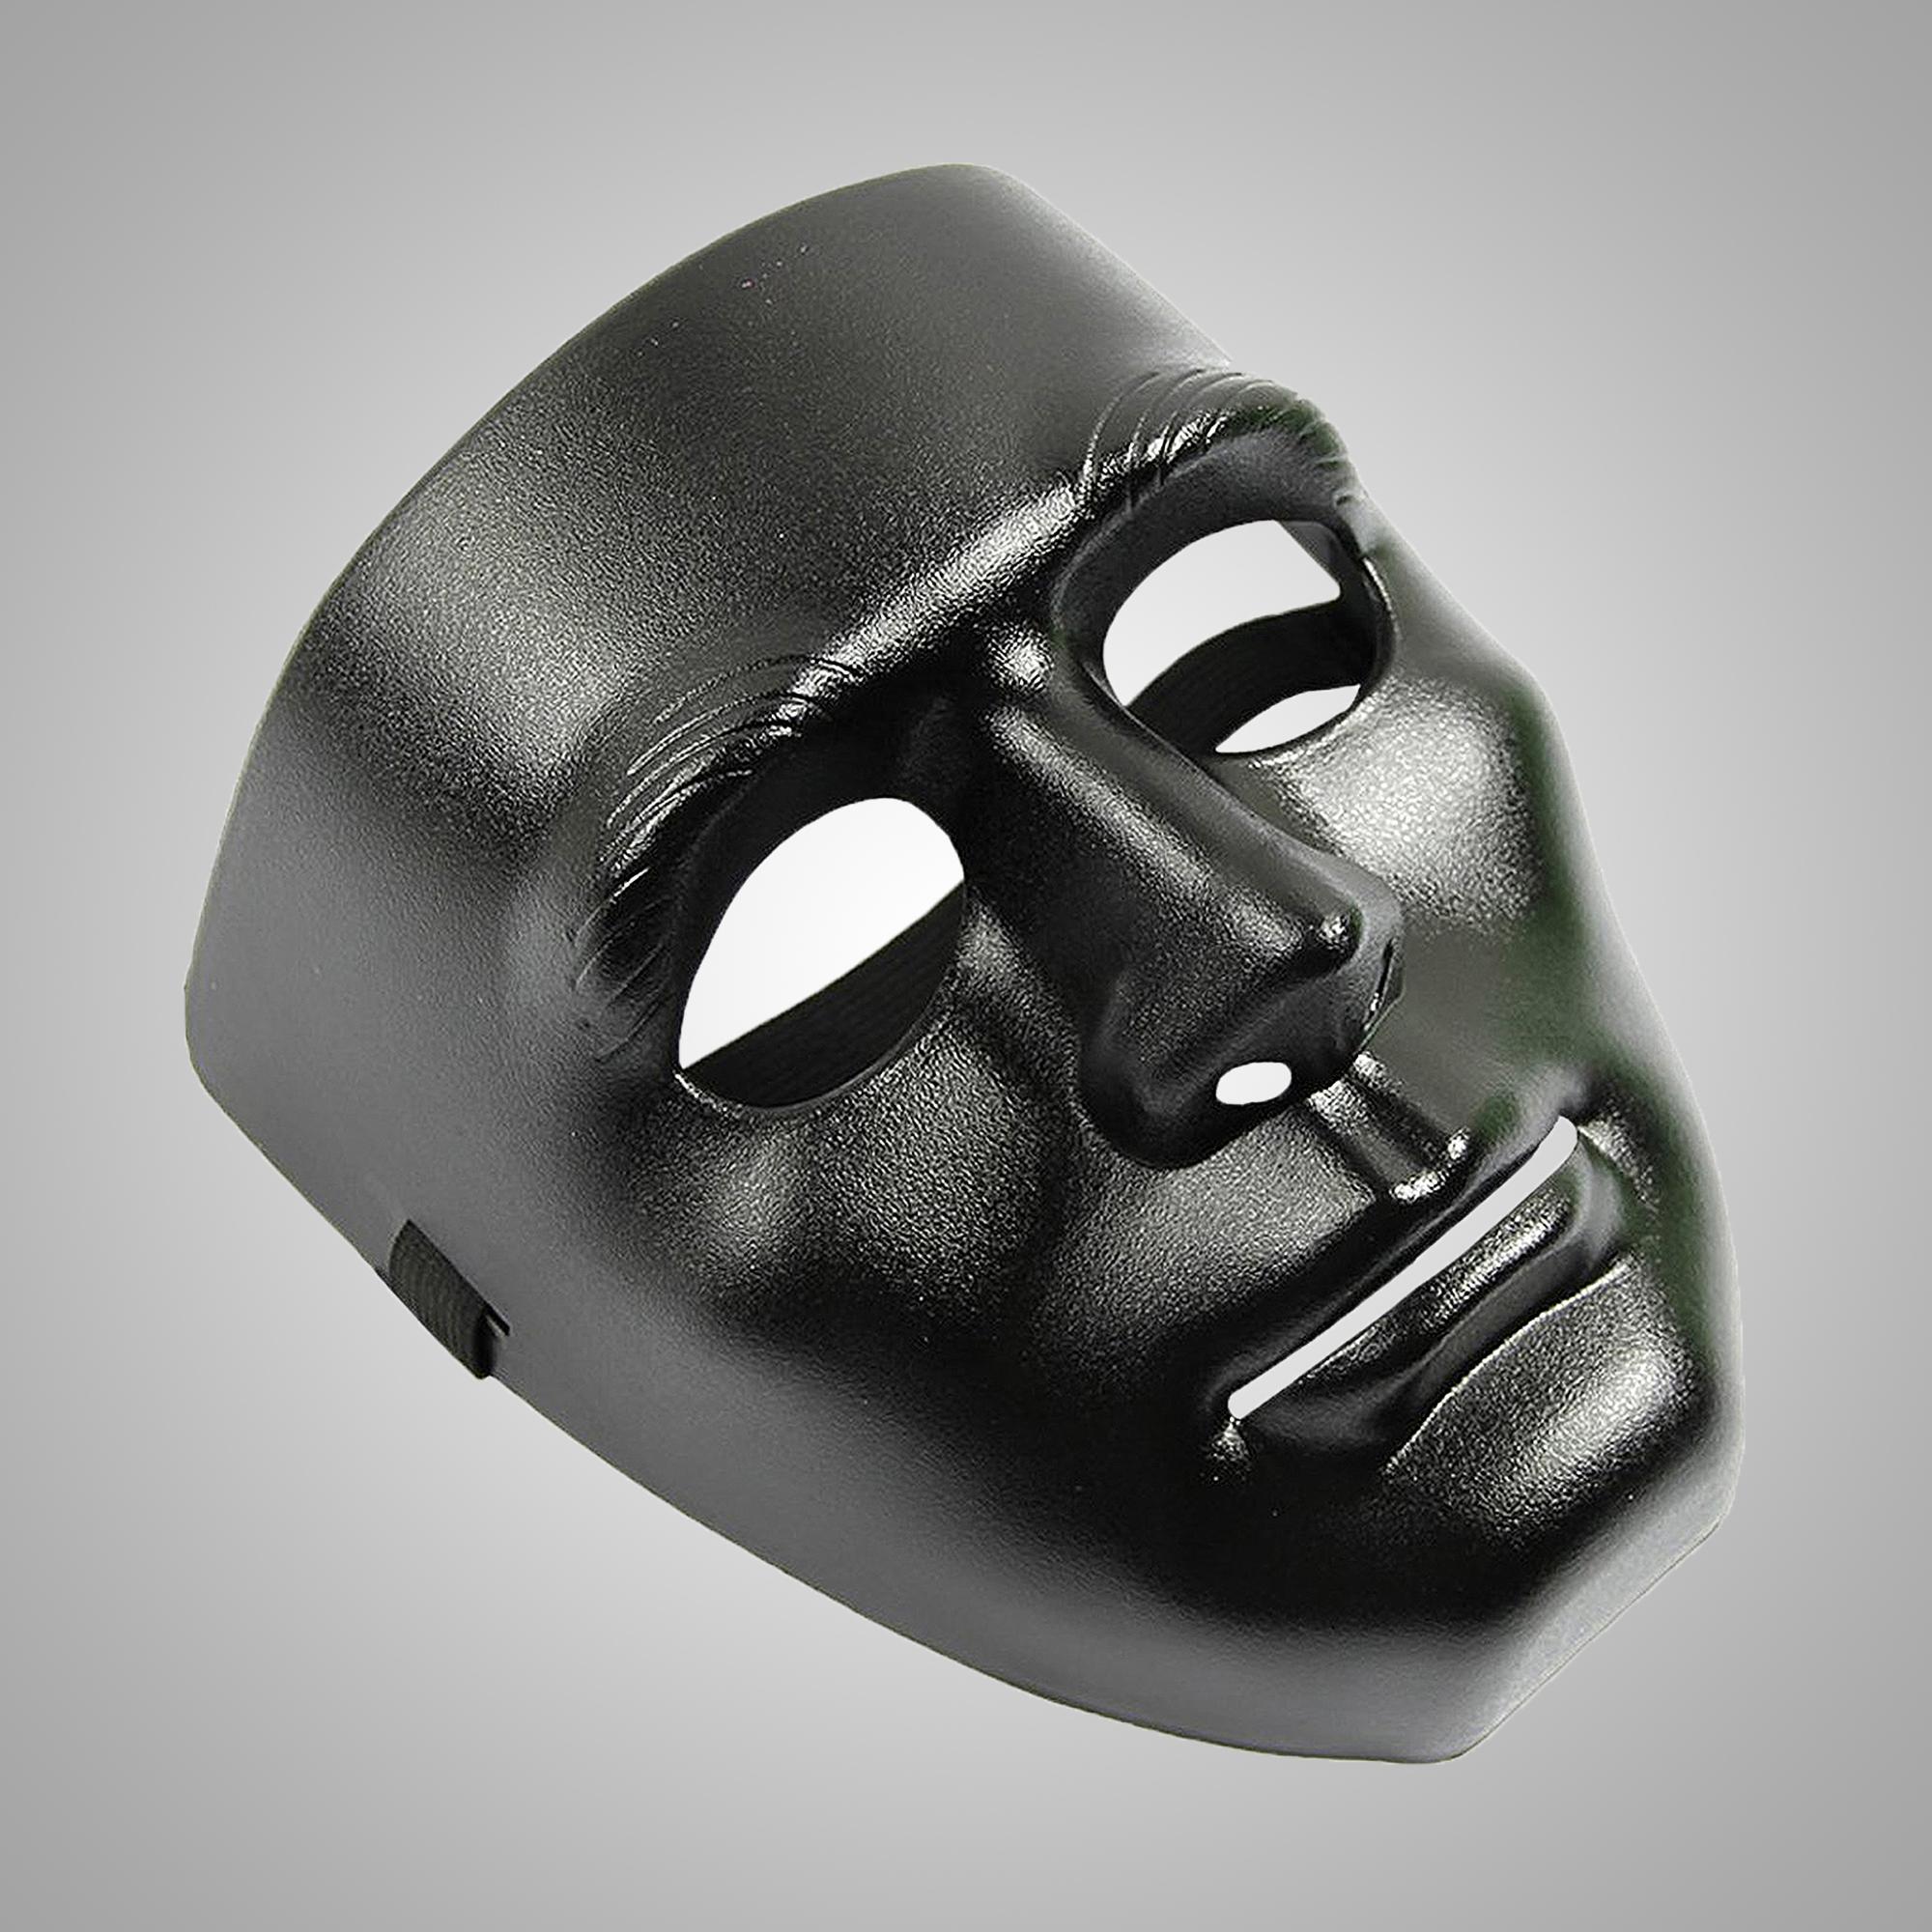 hard attakk mask - misc